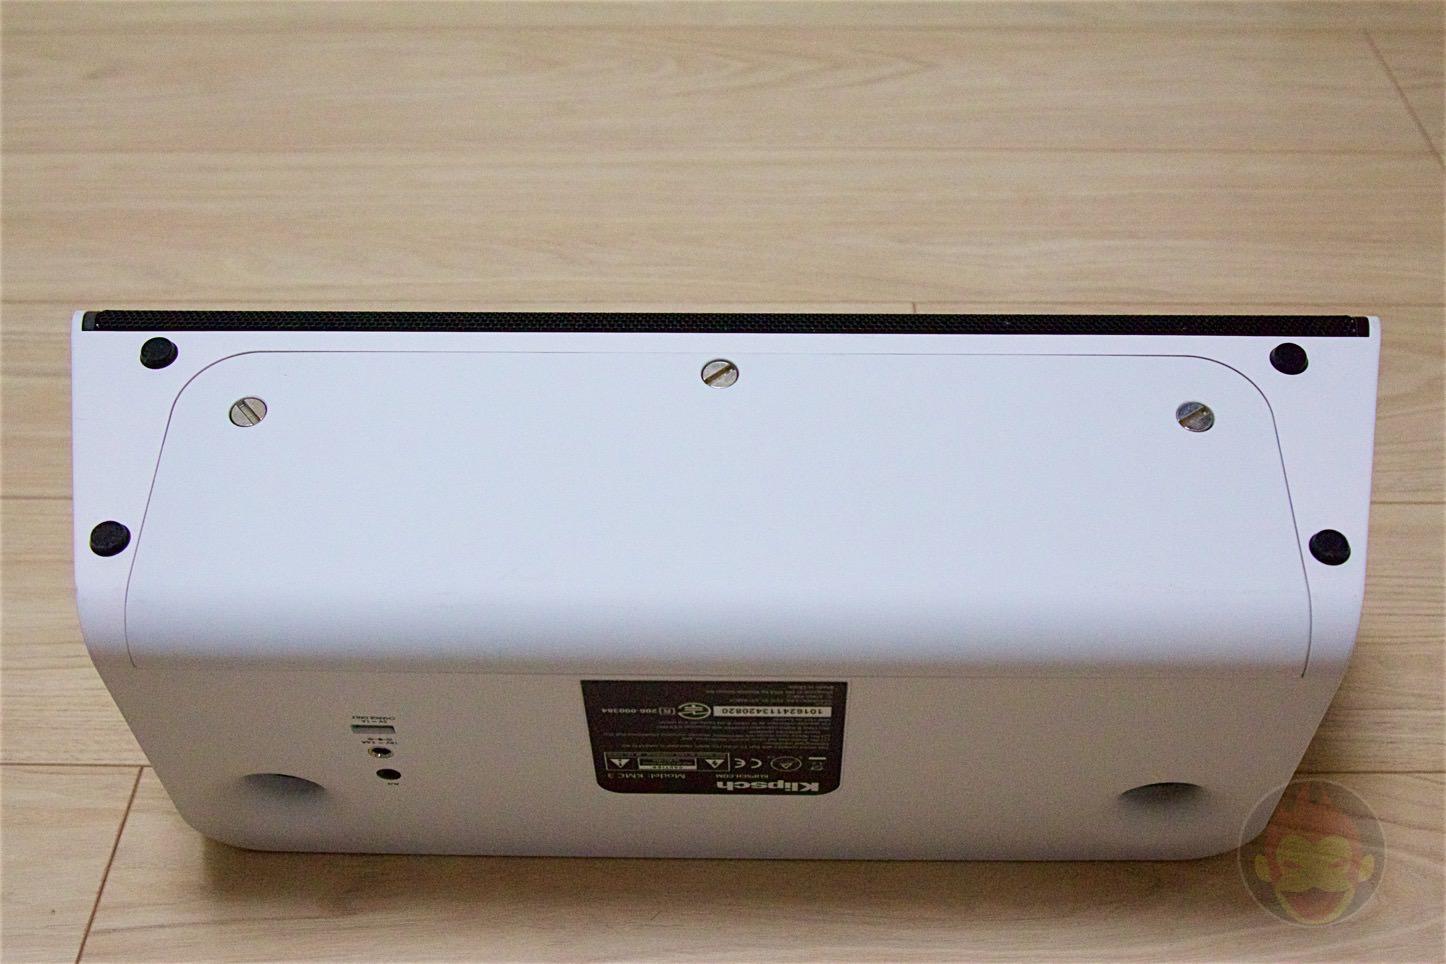 Klipsch KMC3 Bluetooth Speaker